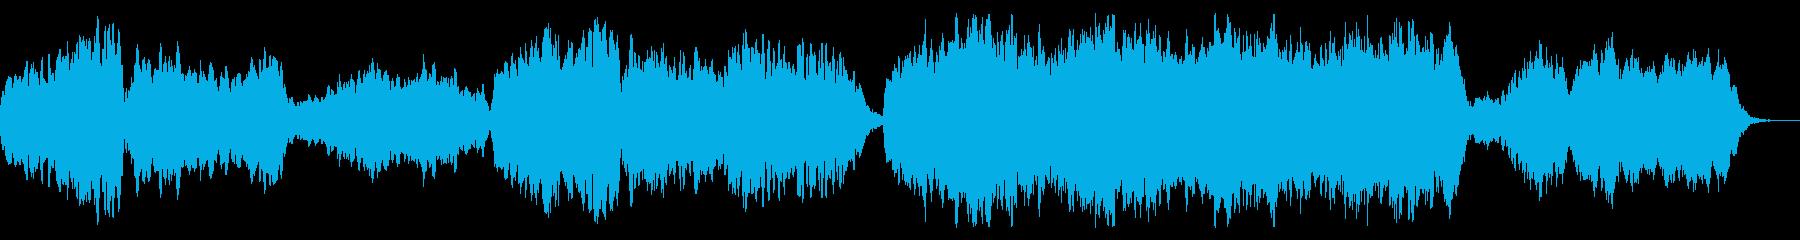 切ないメロディのファンタジーなBGMの再生済みの波形